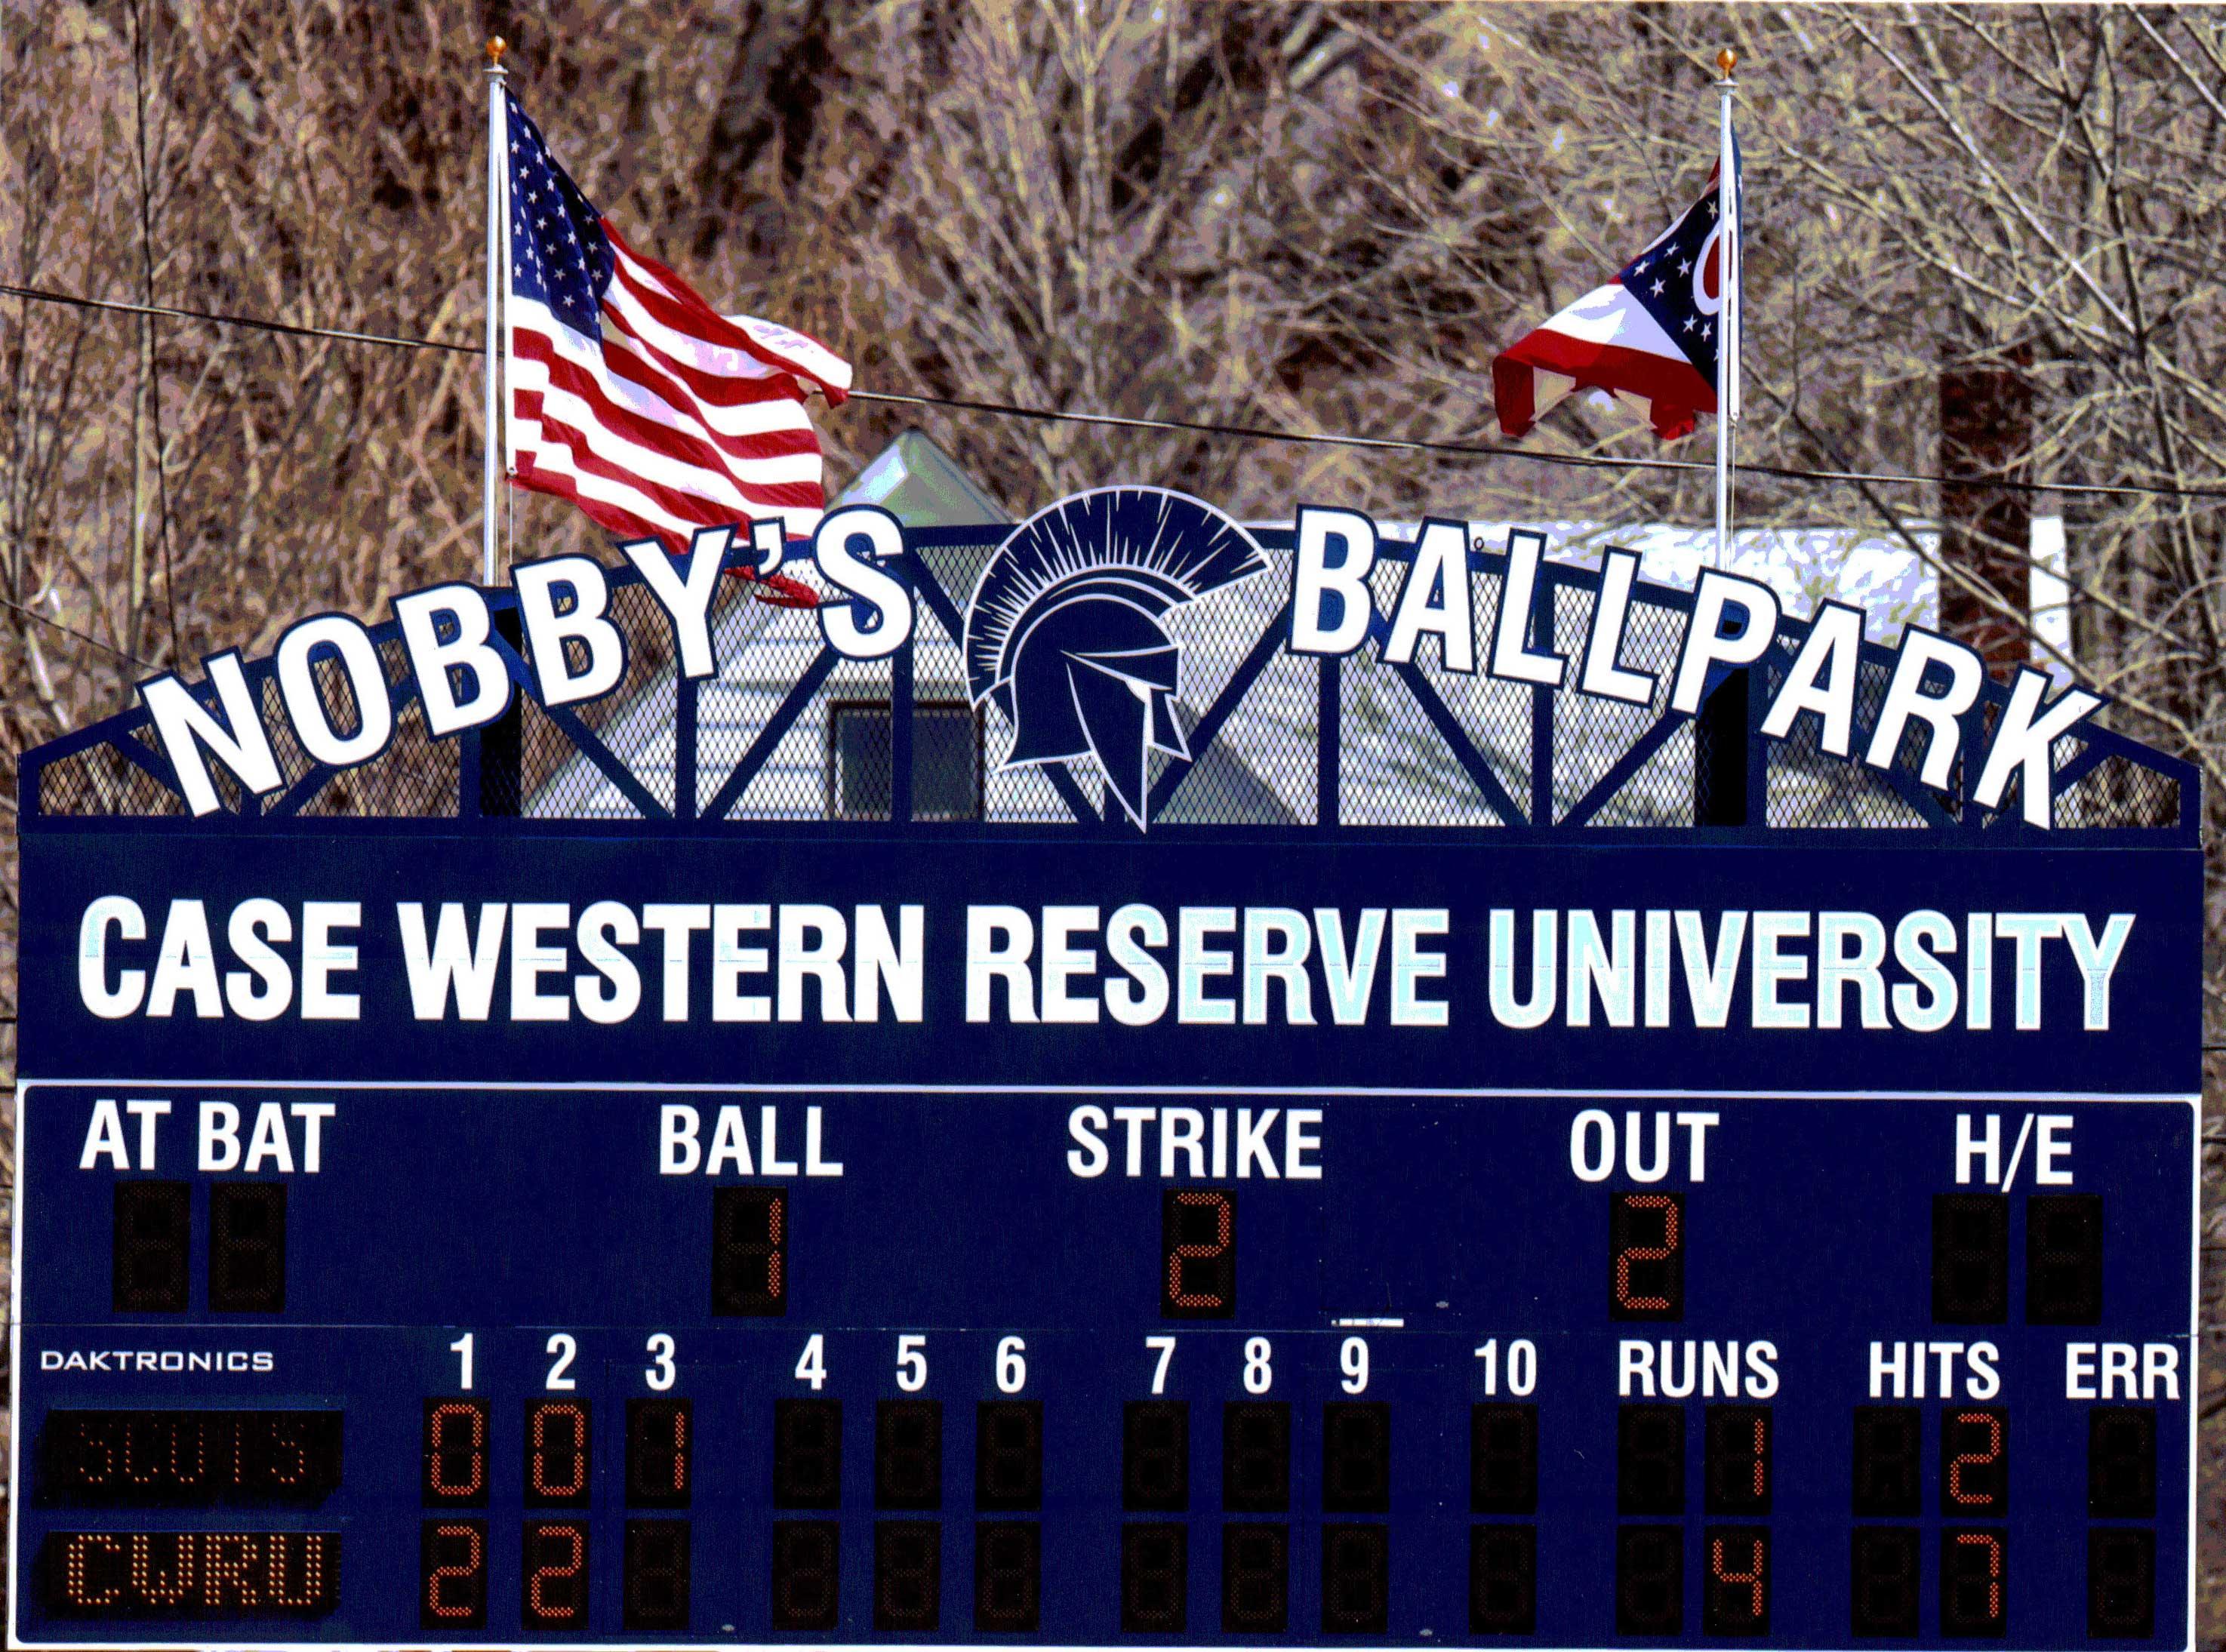 Nobbys-Scoreboard-CWRU.jpg